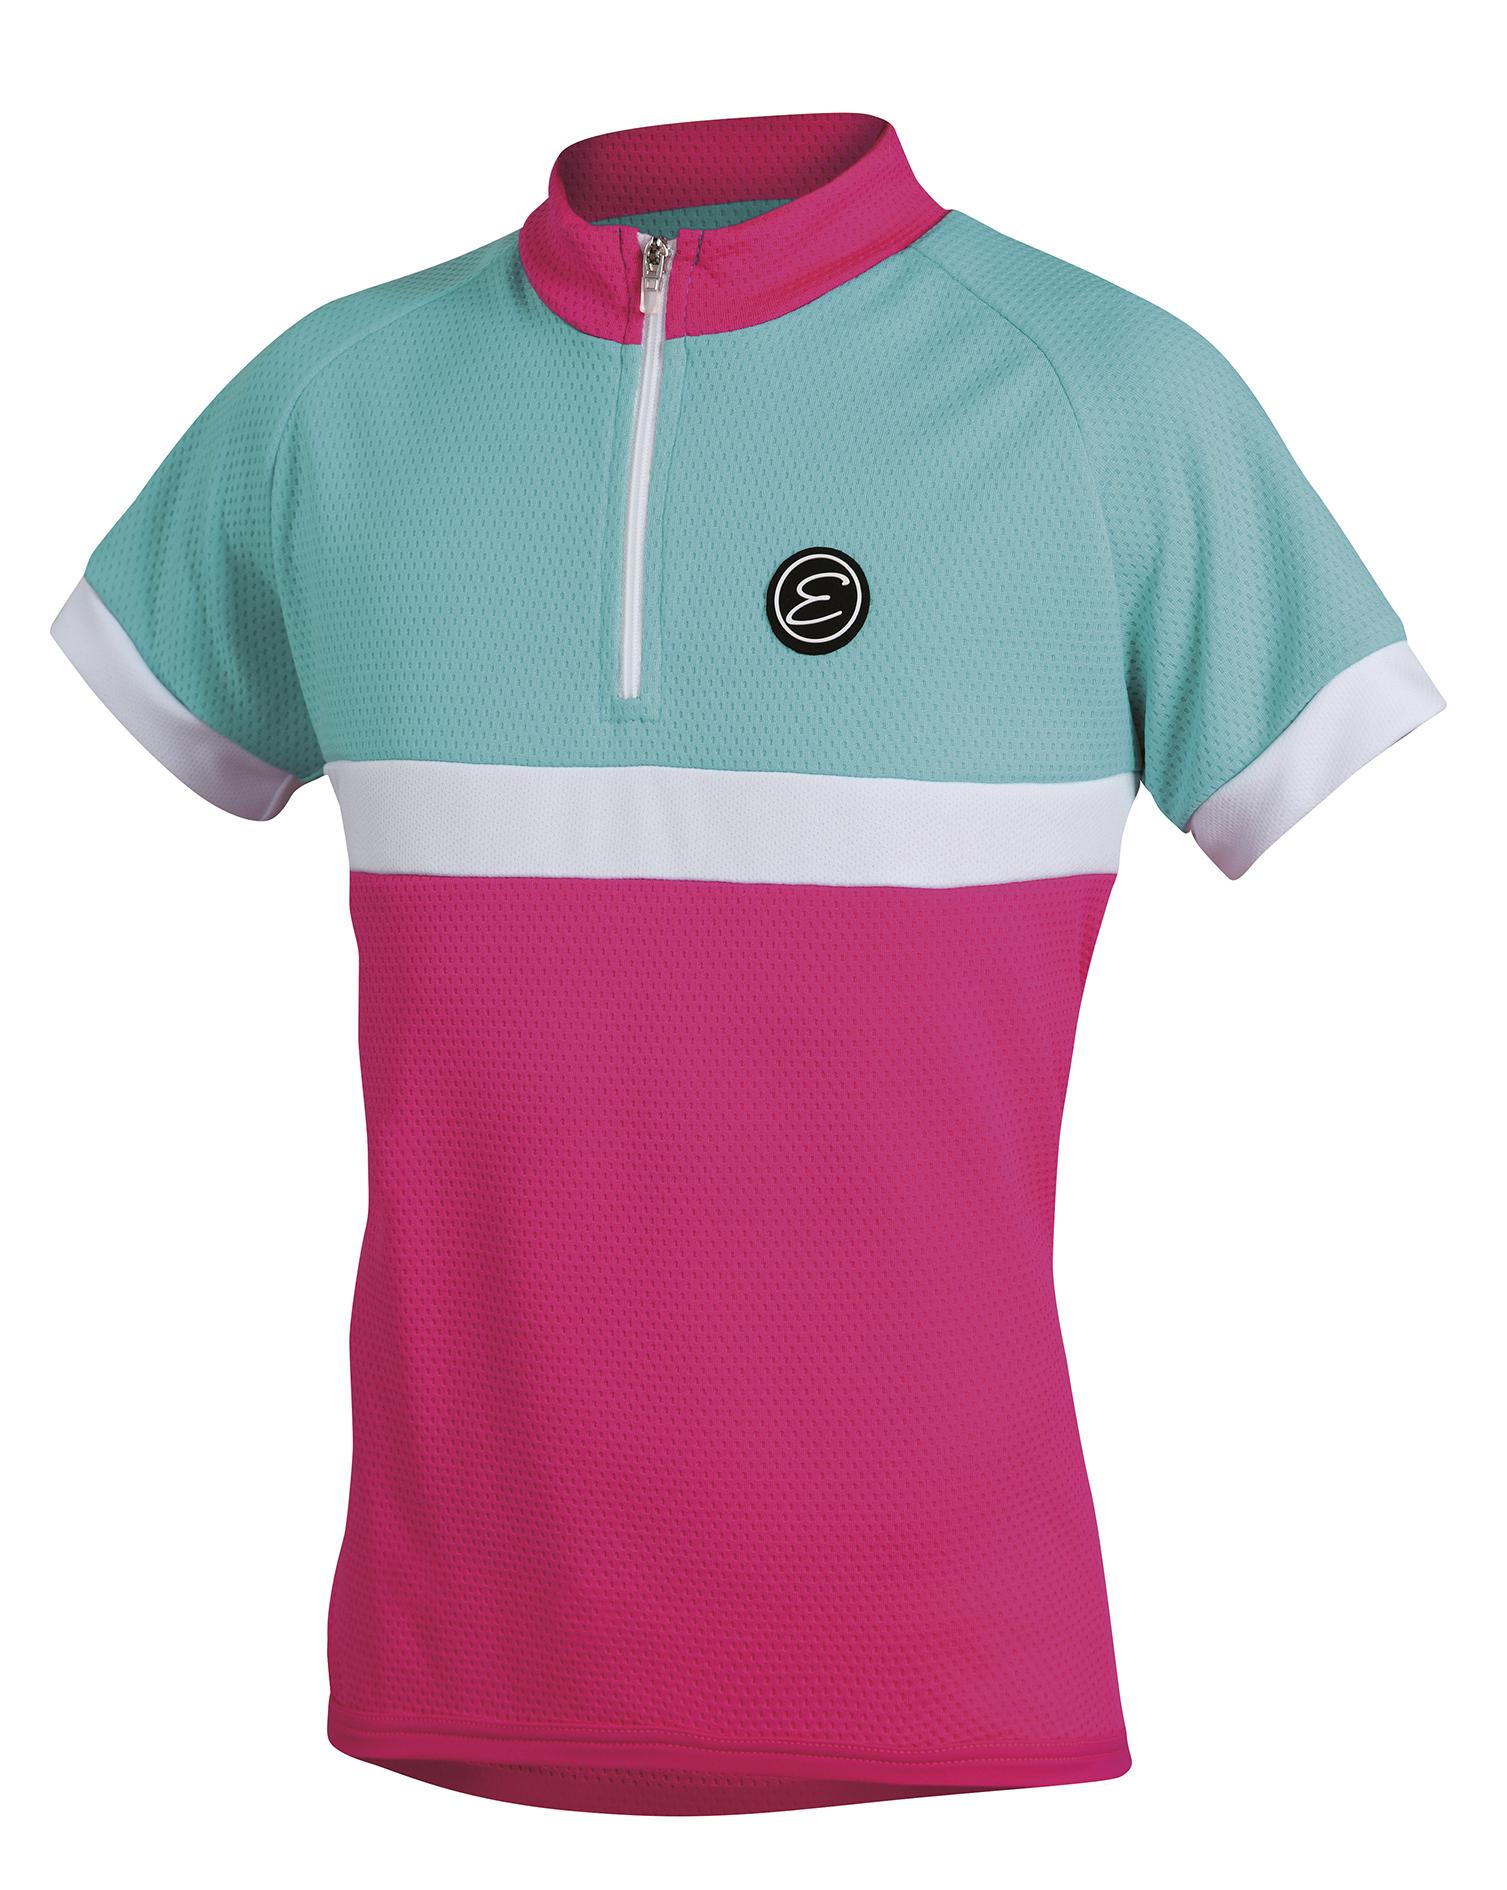 Dětský cyklistický dres ETAPE Bambino, 152/158, růžová/aqua, model 2017 (Dětský dres Etape, přední zip)